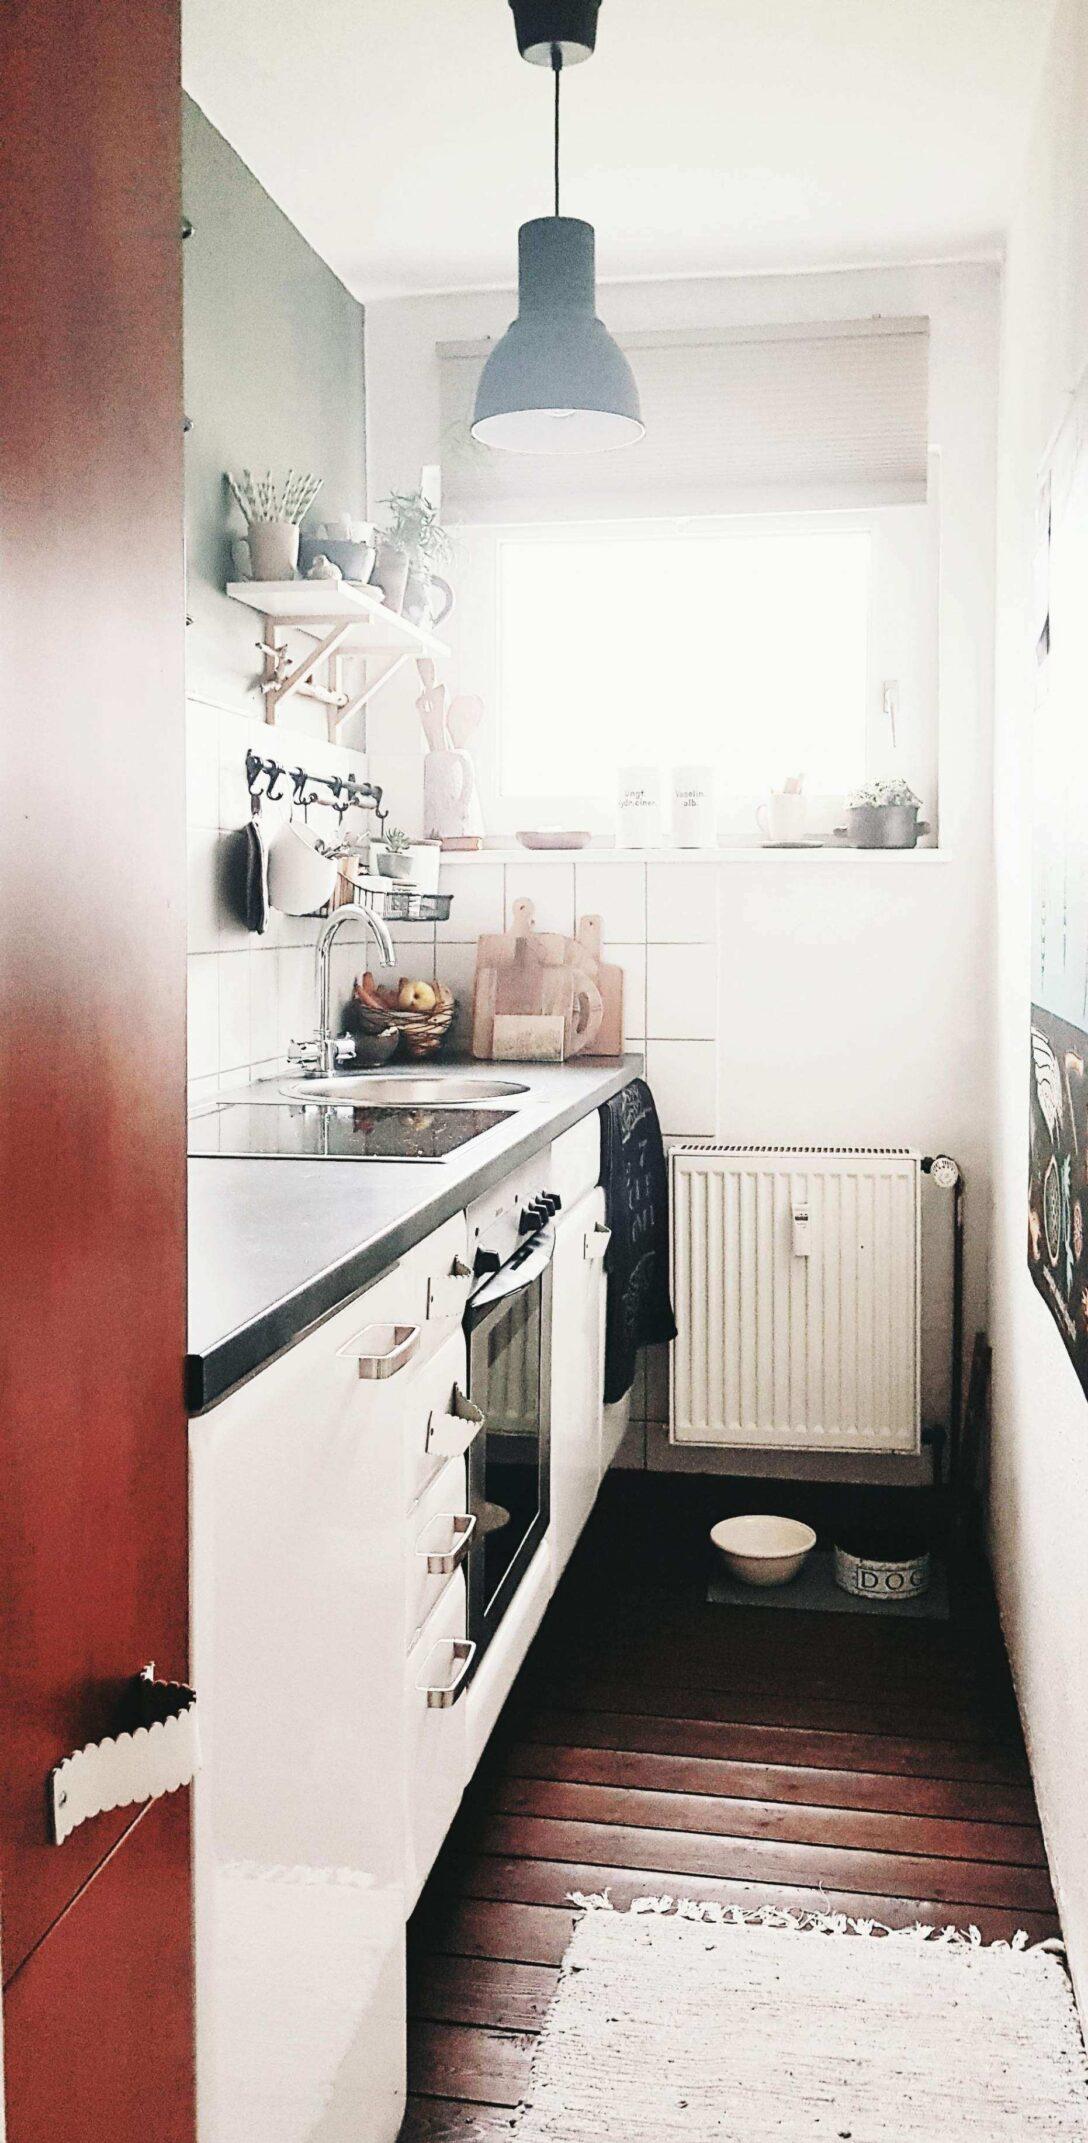 Large Size of Landhausküche Einrichten Wohnung Gnstig Genial Neu Durchreiche Kche Wohnzimmer Badezimmer Weisse Grau Moderne Kleine Küche Gebraucht Weiß Wohnzimmer Landhausküche Einrichten